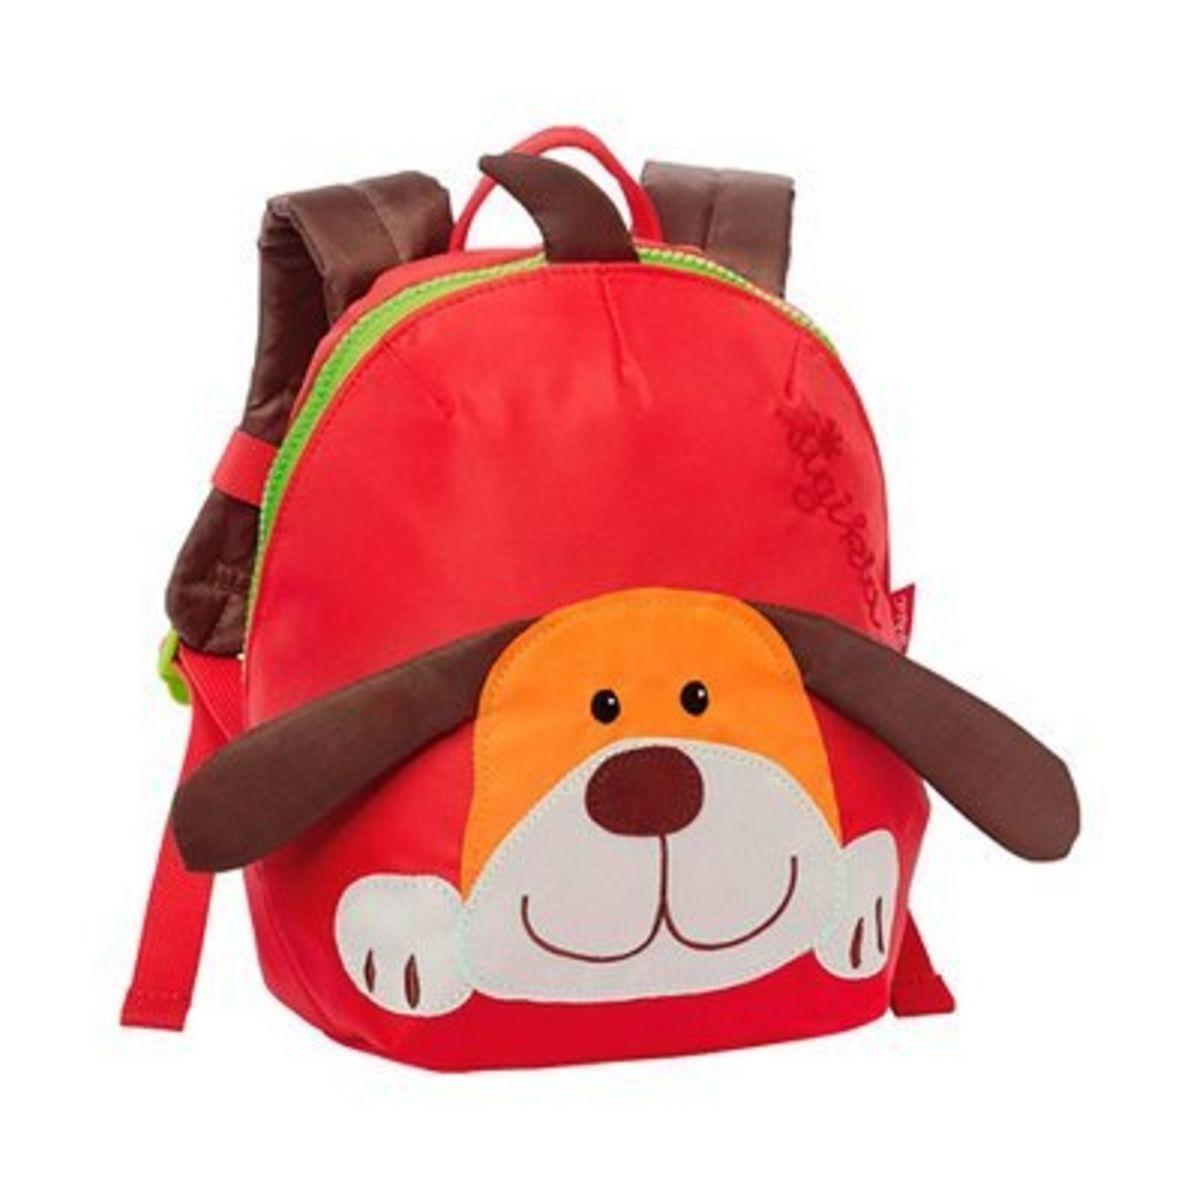 1c17c4af23d357 Product. Voir l offre. 24.1 · sigikid le mini sac à dos chien petit ...